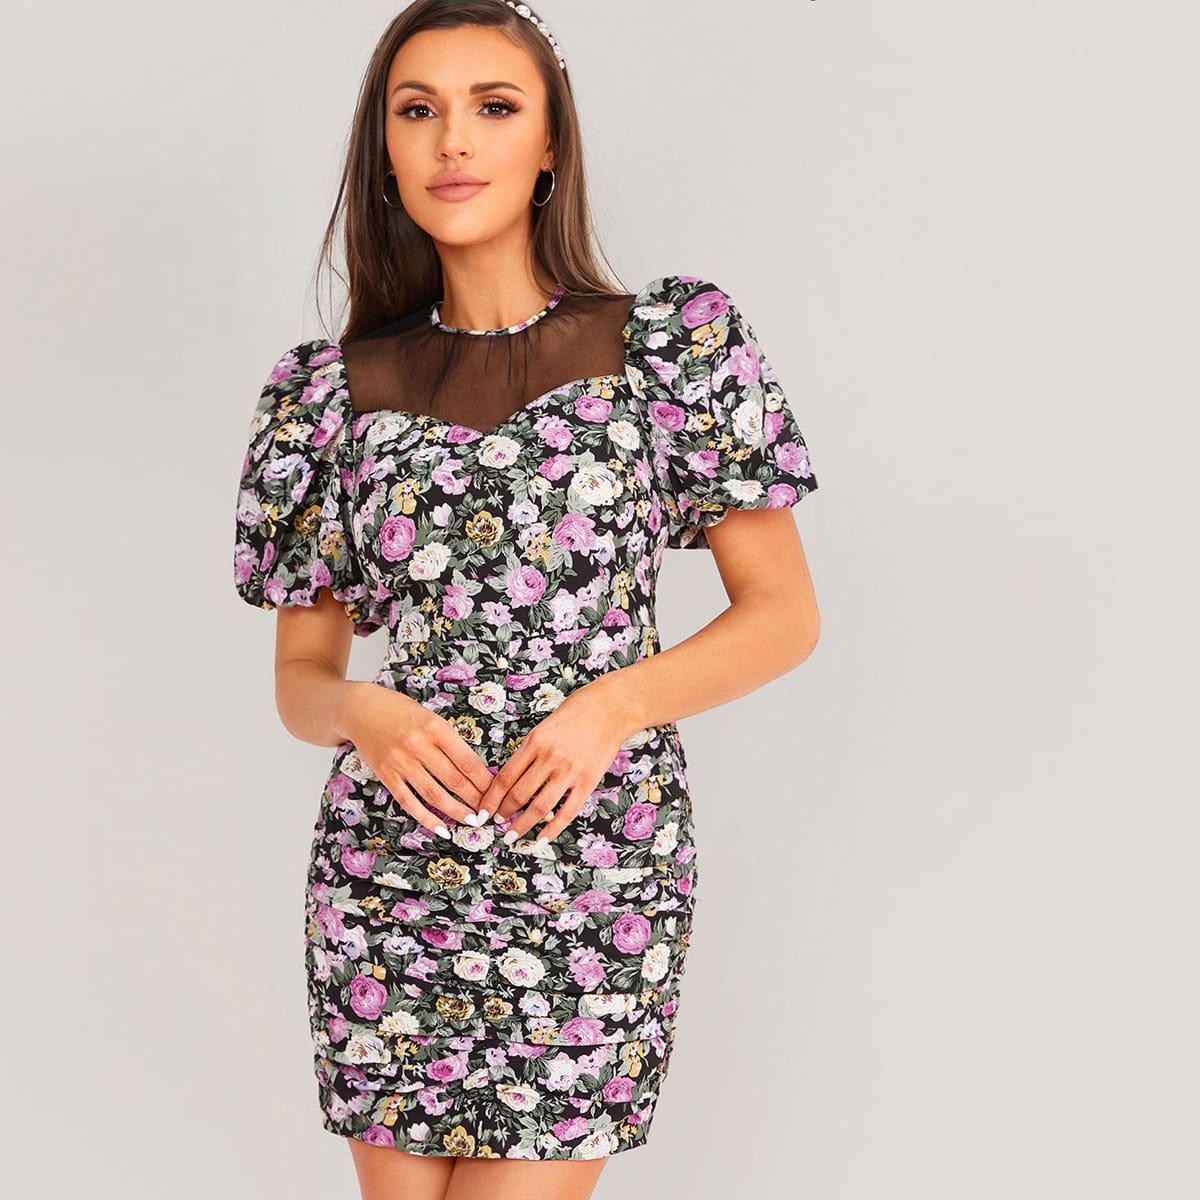 Цветочное платье с пышными рукавами и сетчатой вставкой